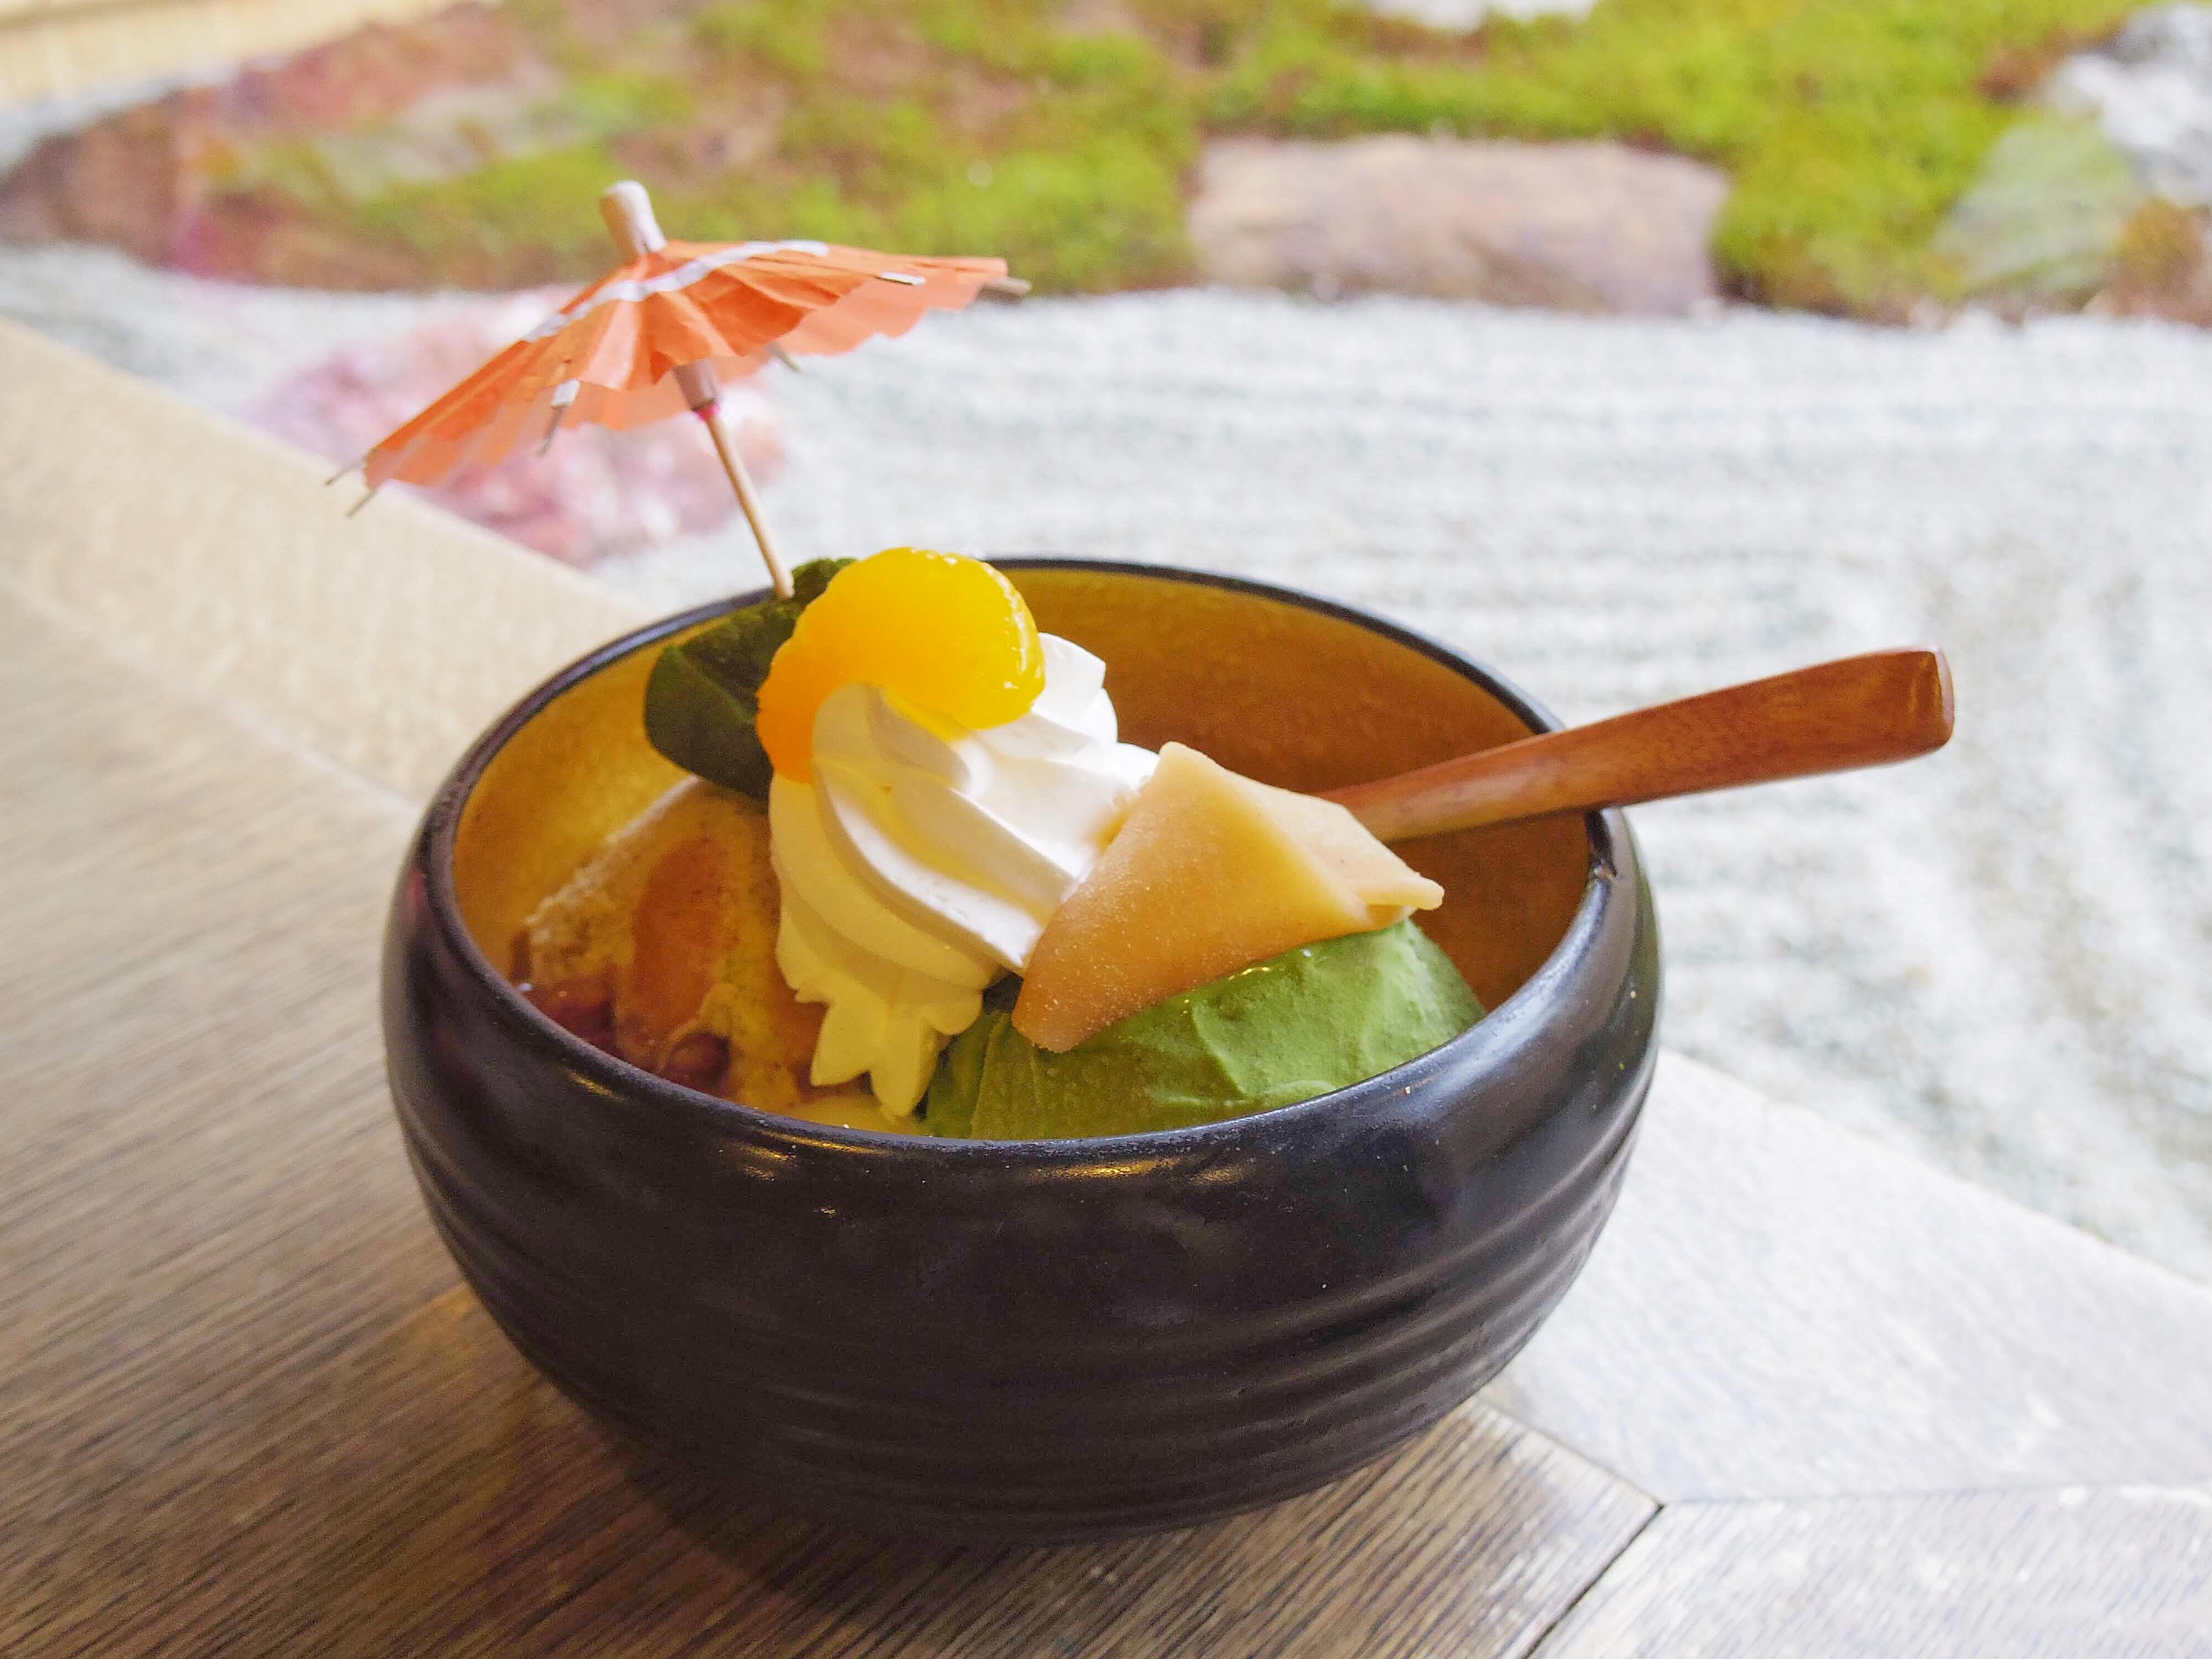 【京都女子旅】イクスカフェ 京都嵐山本店はフォトジェニックなスイーツだらけ♡_3